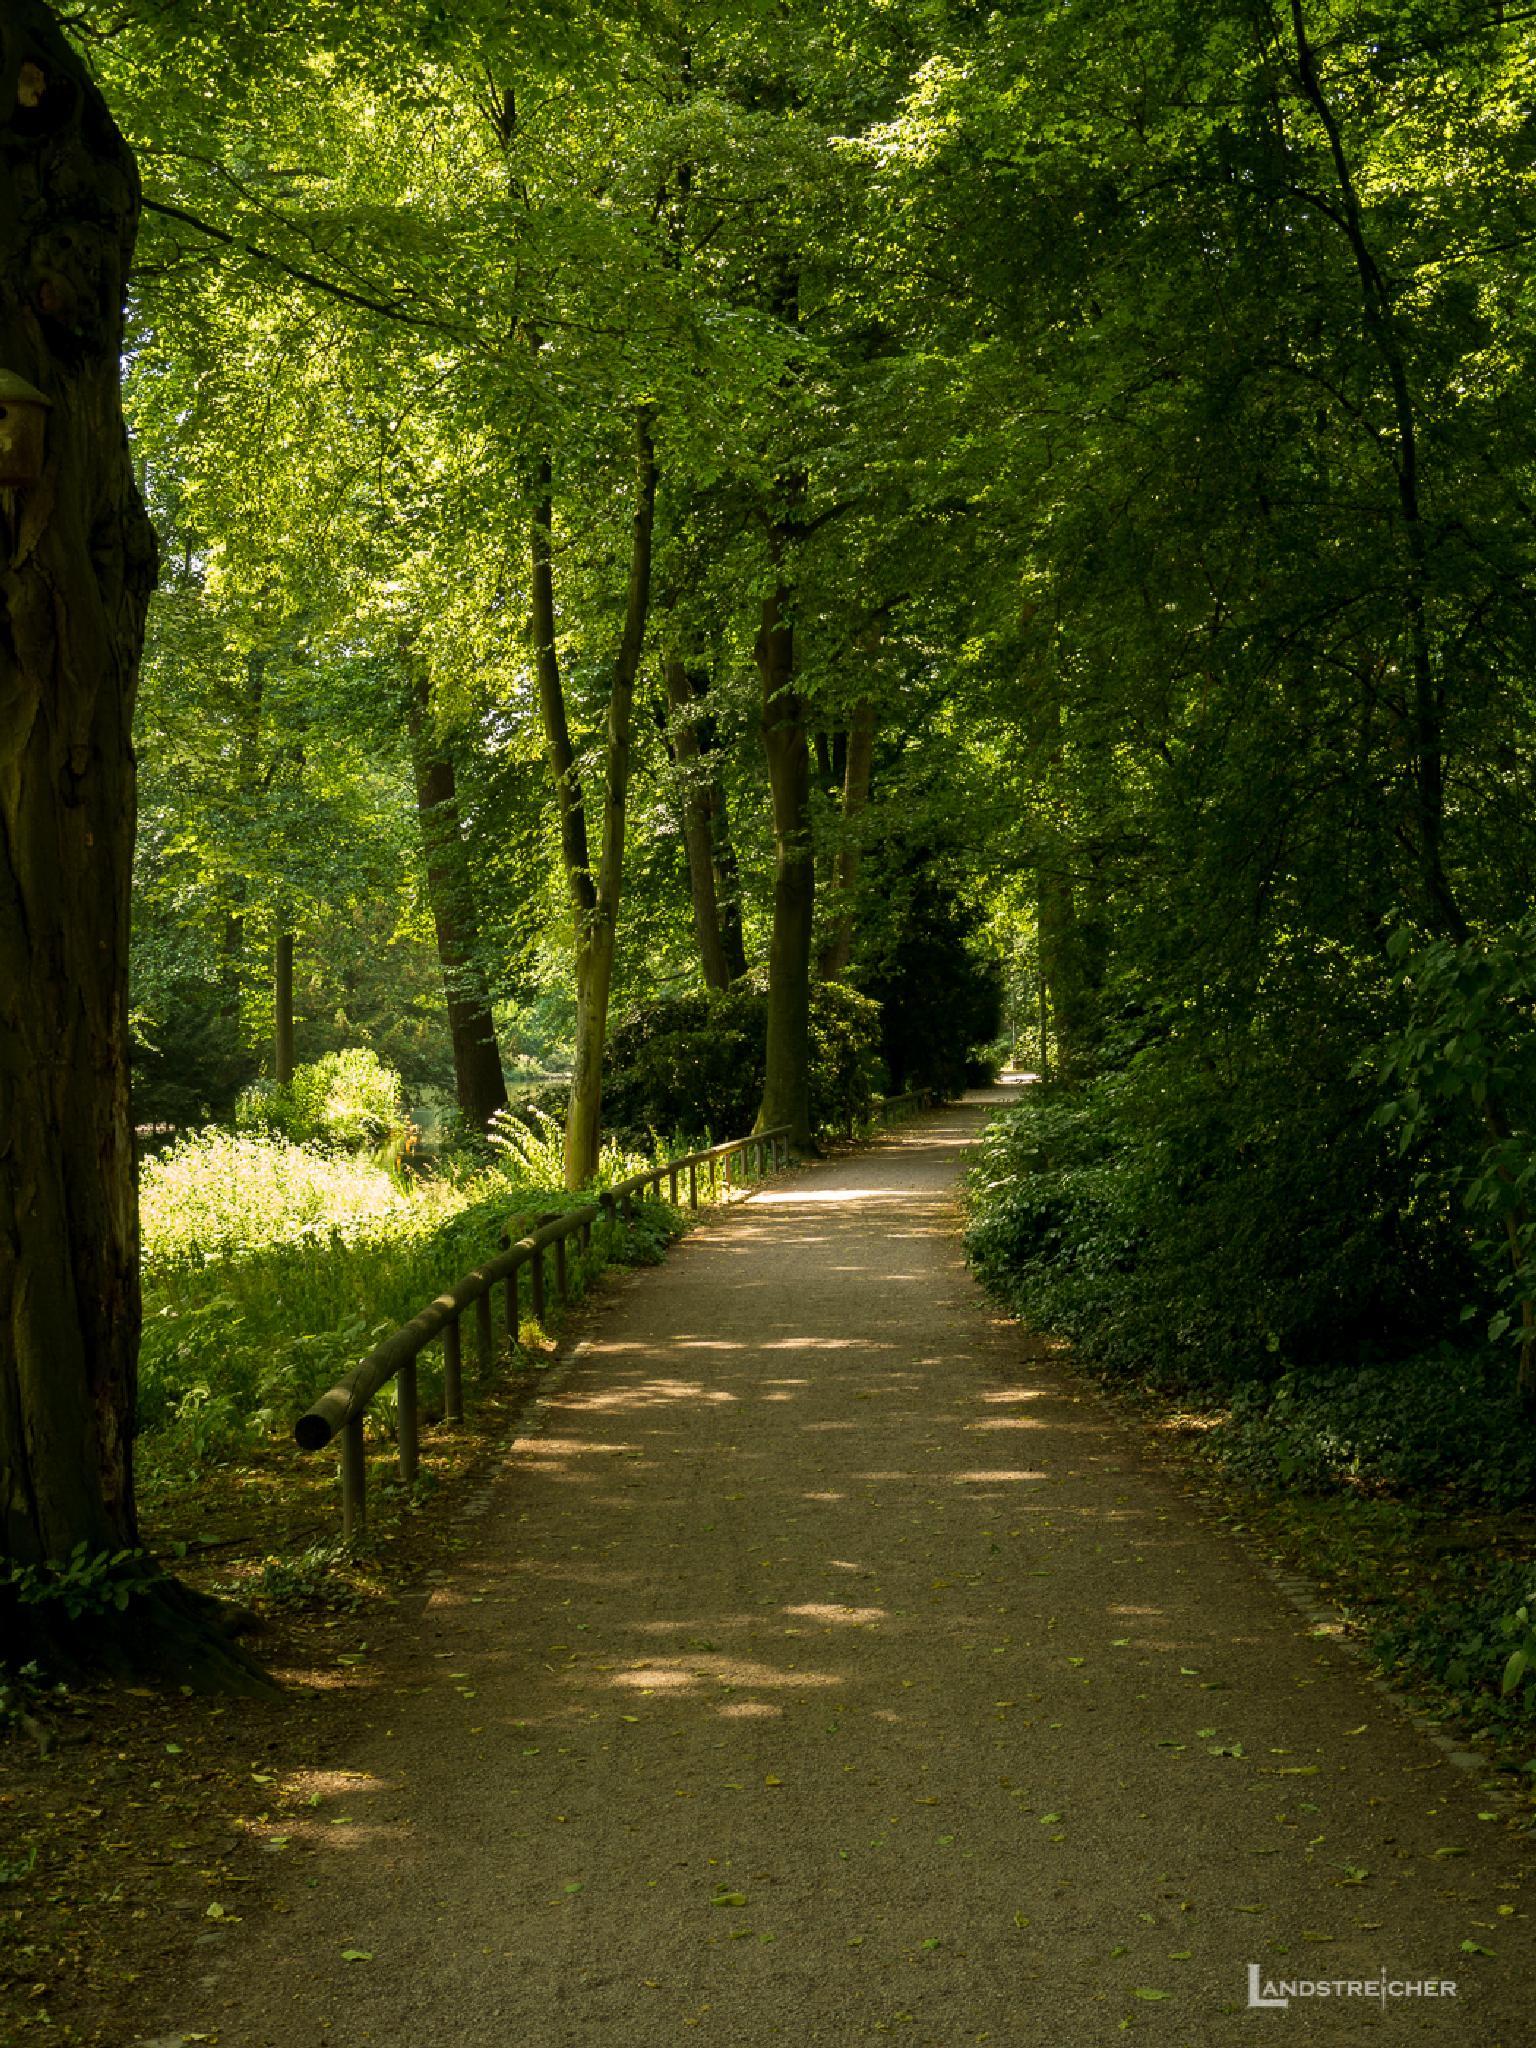 Dieser Weg wird (k)ein leichter sein by Landstreicher